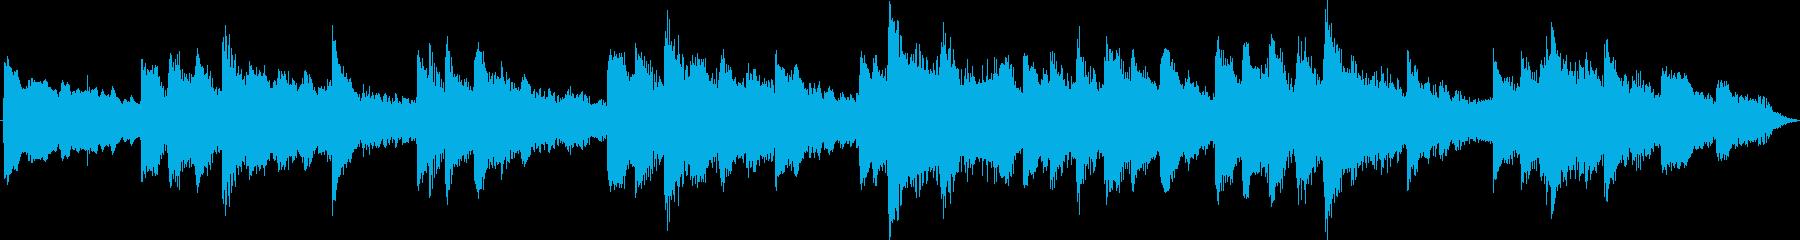 ピアノとストリングスの切ない癒し系BGMの再生済みの波形